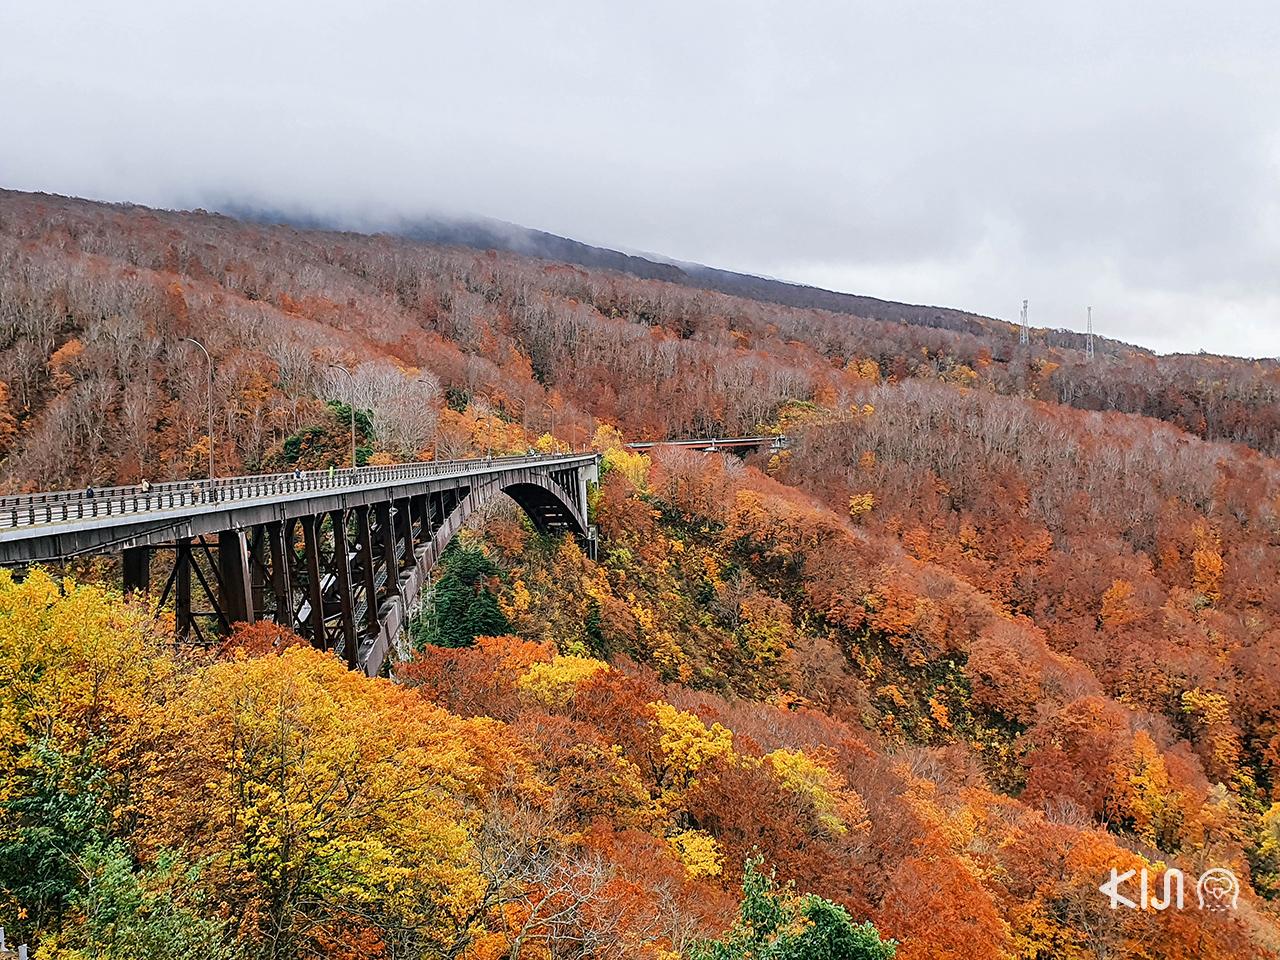 วิว ใบไม้เปลี่ยนสี กับสะพานโจกาคุระ (Jogakura Bridge) จ.อาโอโมริ ใน โทโฮคุ